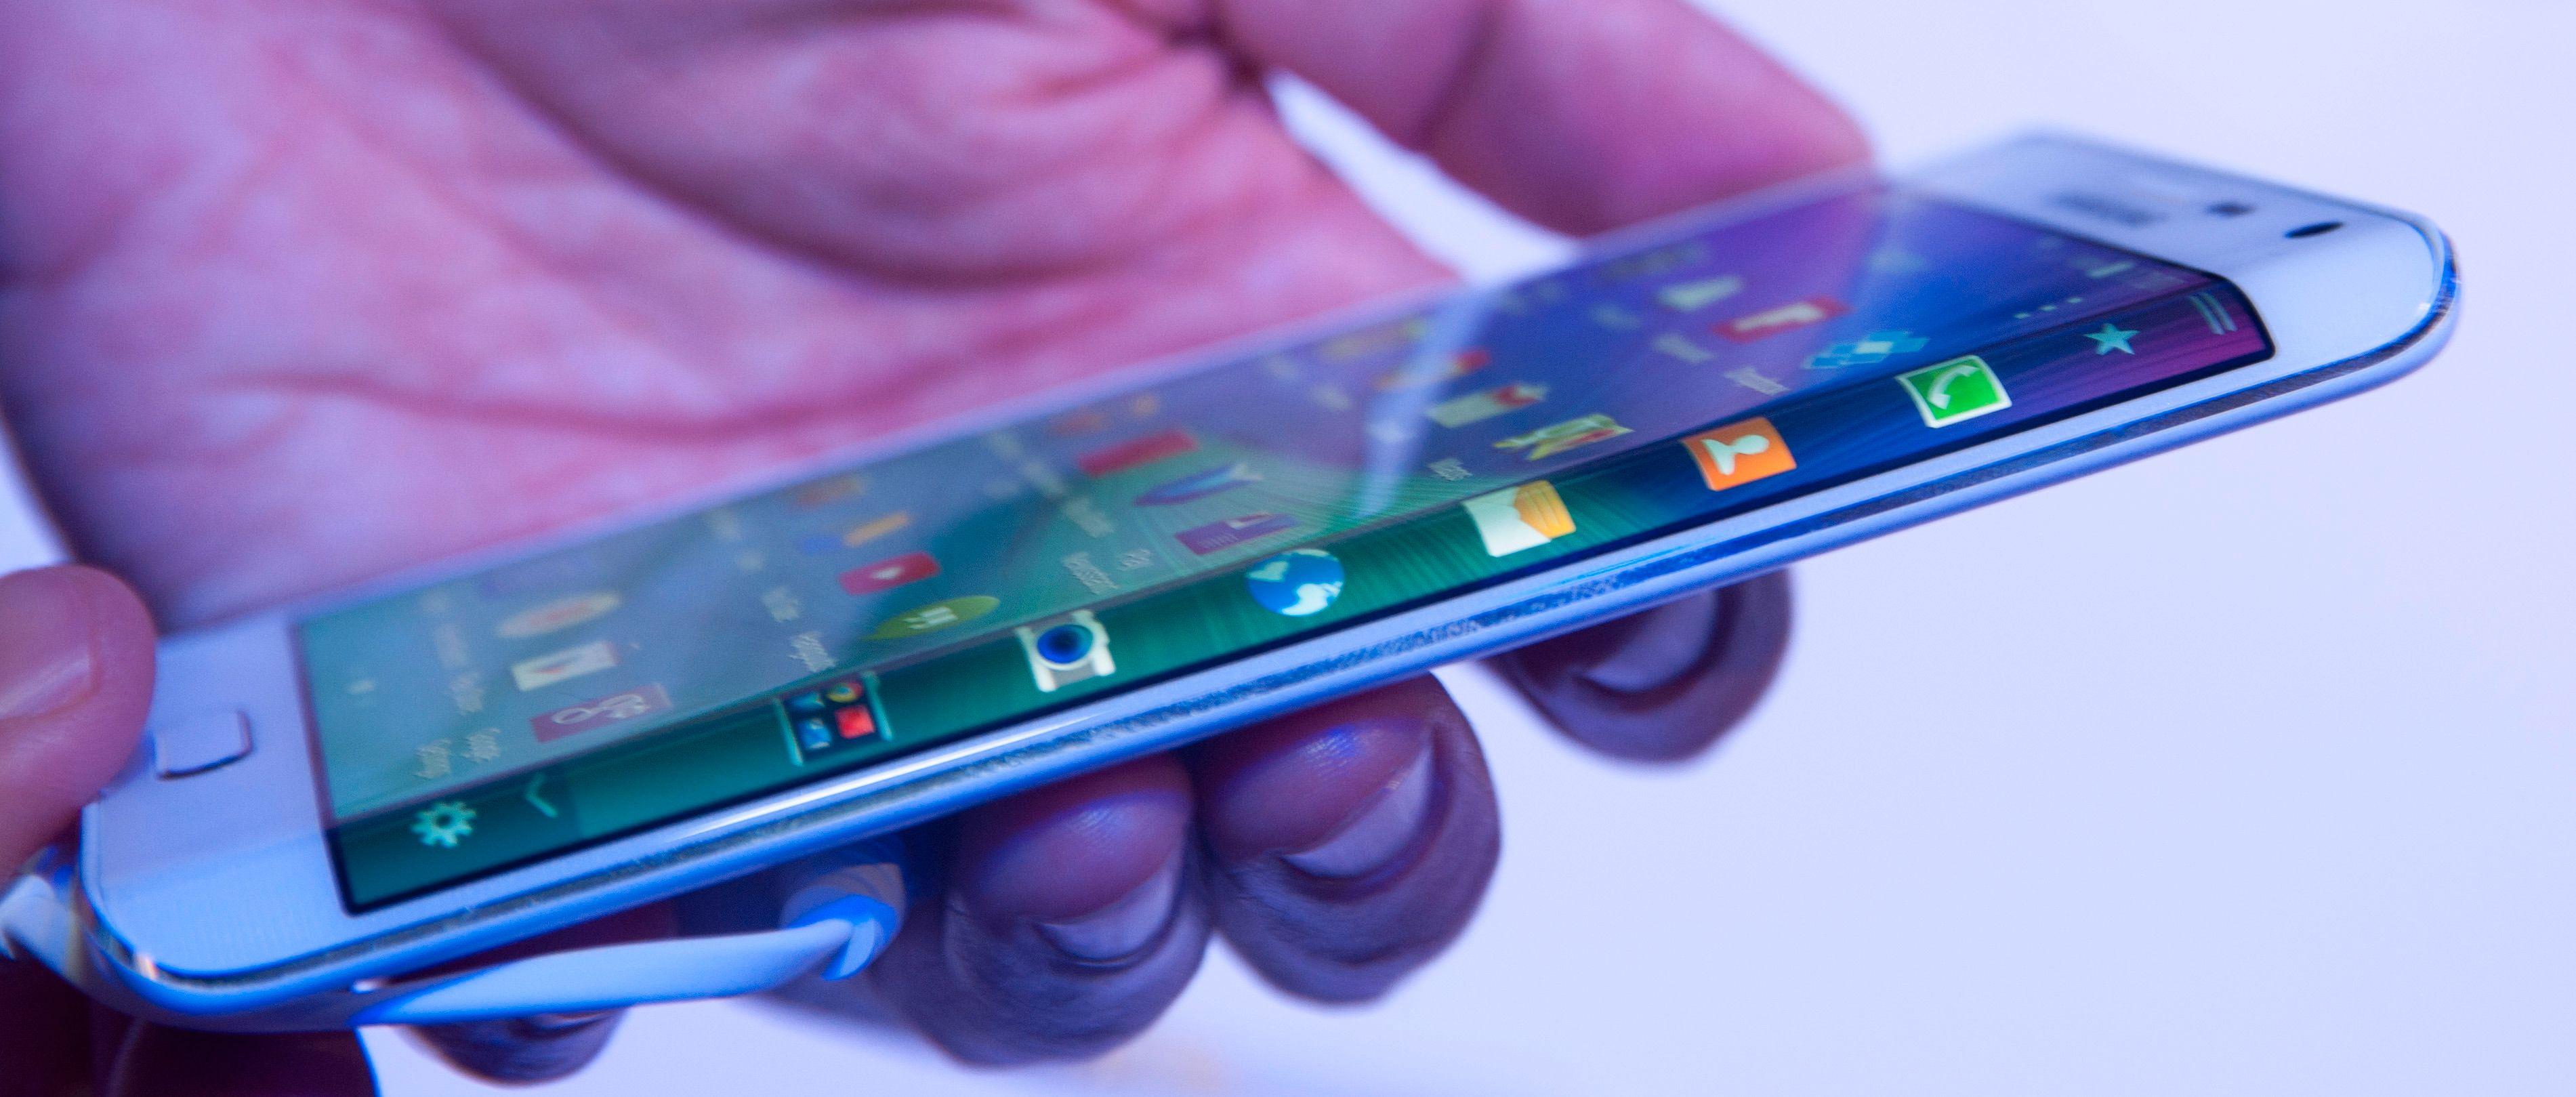 Galaxy Note Edge er en kileformet variant av Galaxy Note 4. Den kan vise informasjon langs høyre langside.Foto: Finn Jarle Kvalheim, Amobil.no